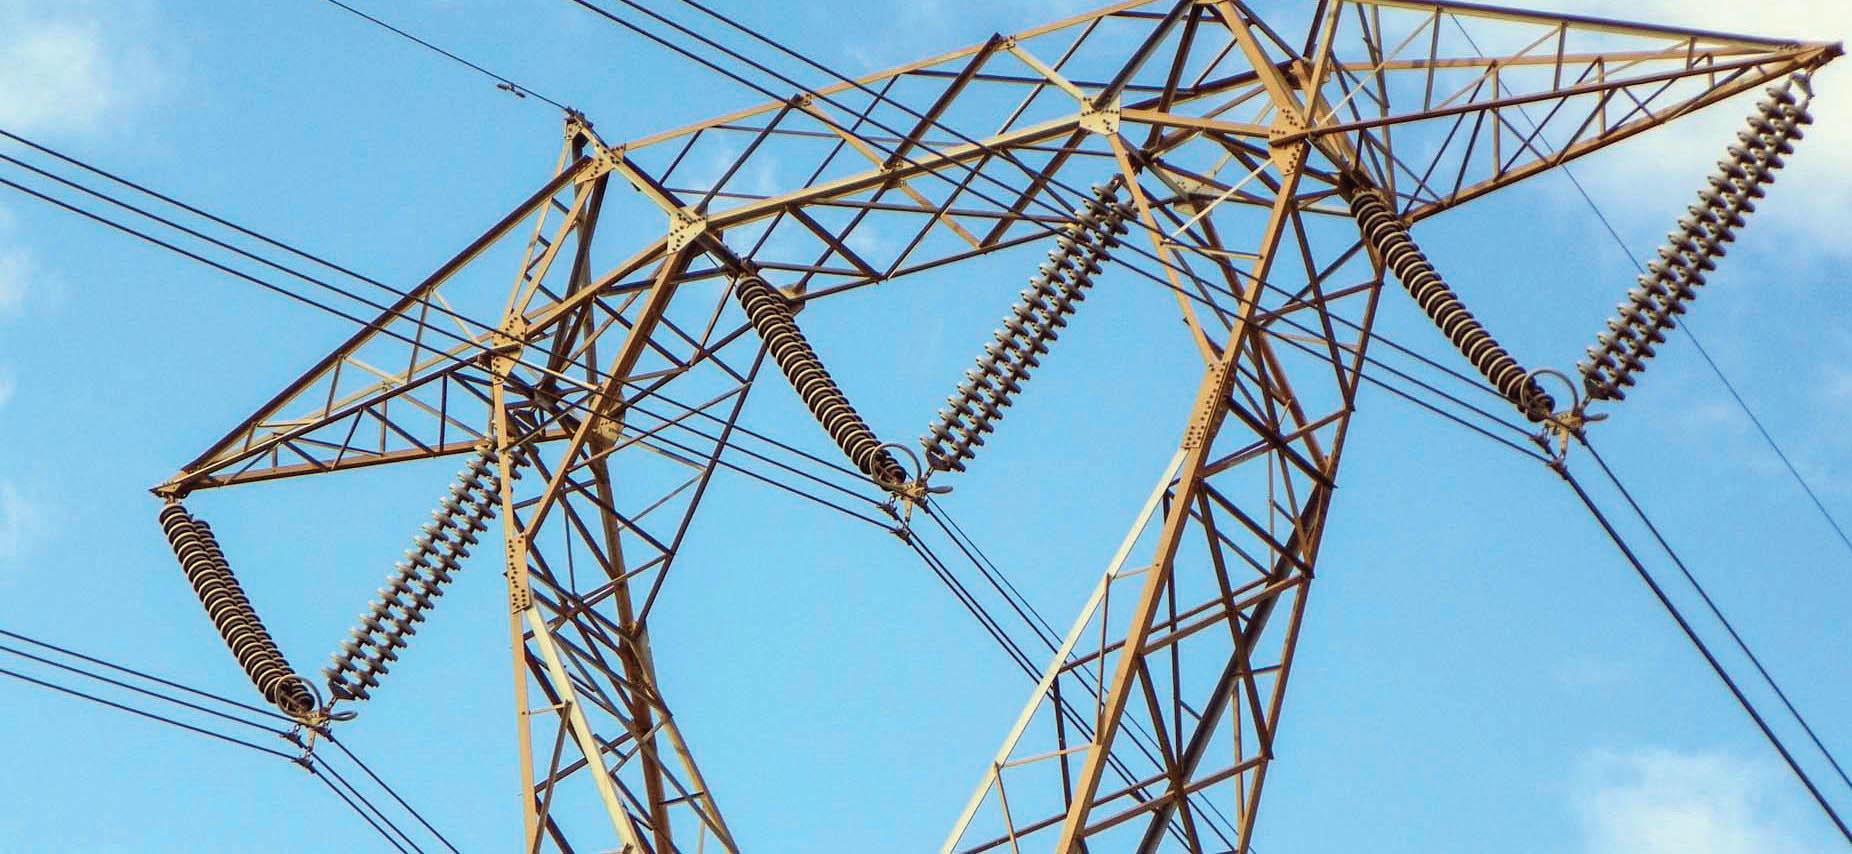 رئیس اداره تعمیرات خطوط شرکت سهامی برق منطقه ای گیلان :  آسیب شناسی تمامی دکل های خطوط انتقال و فوق توزیع انجام شد